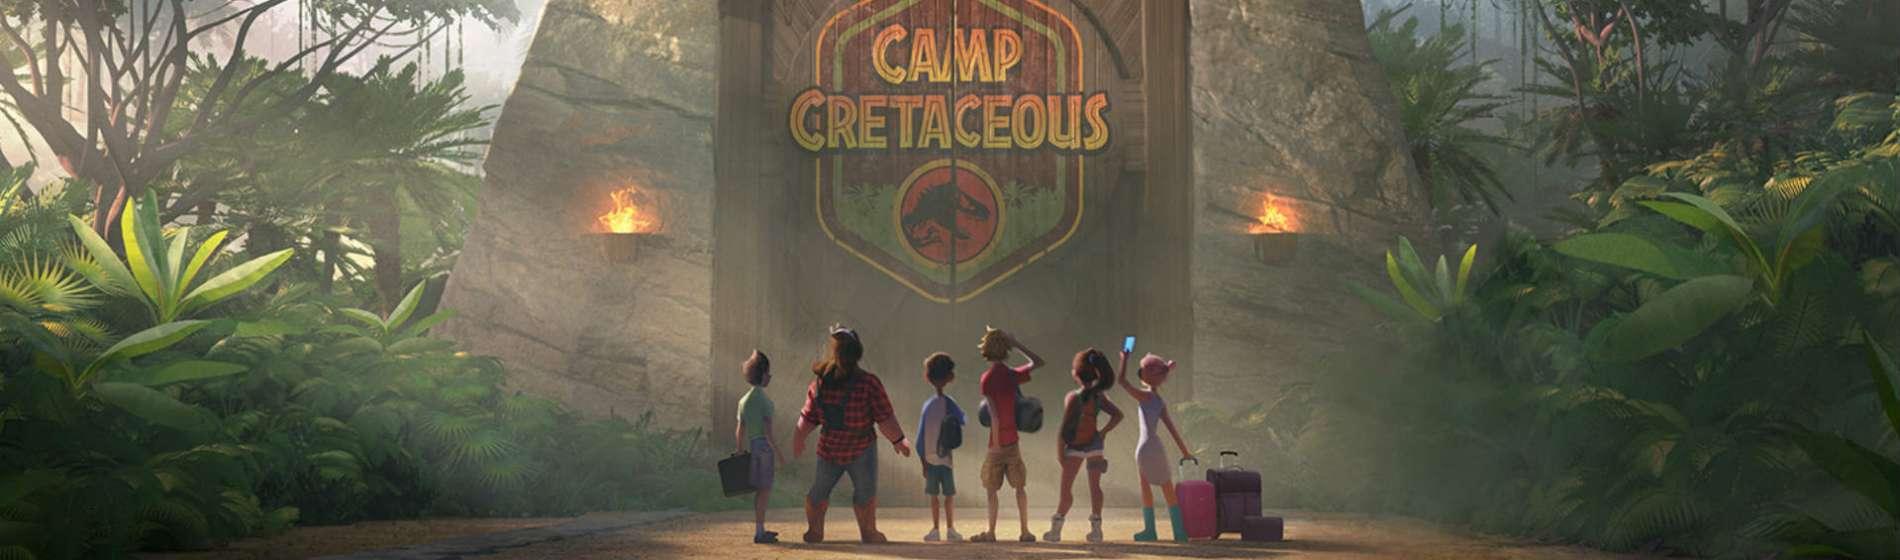 Netflix-Jurassic-World-Camp-Cretaceous